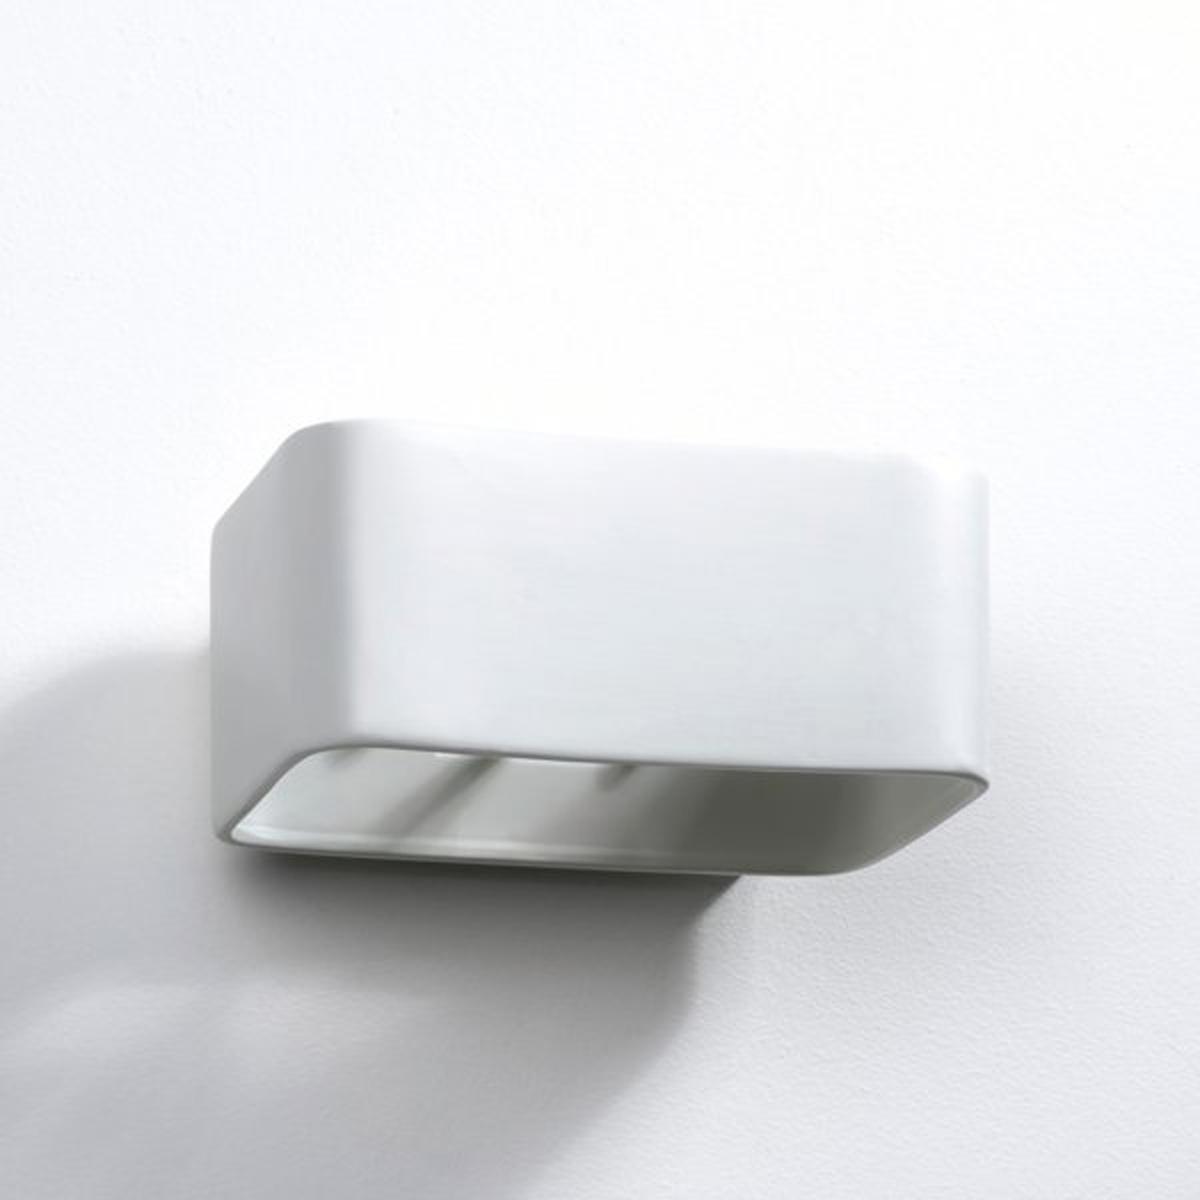 Бра прямоугольной формы из керамики  Debou2 цоколя GU10 для лампочек макс. 35 W  (не входят в комплект) .Размеры : Д. 22 x Гл.16 x Выс .10 см<br><br>Цвет: белый